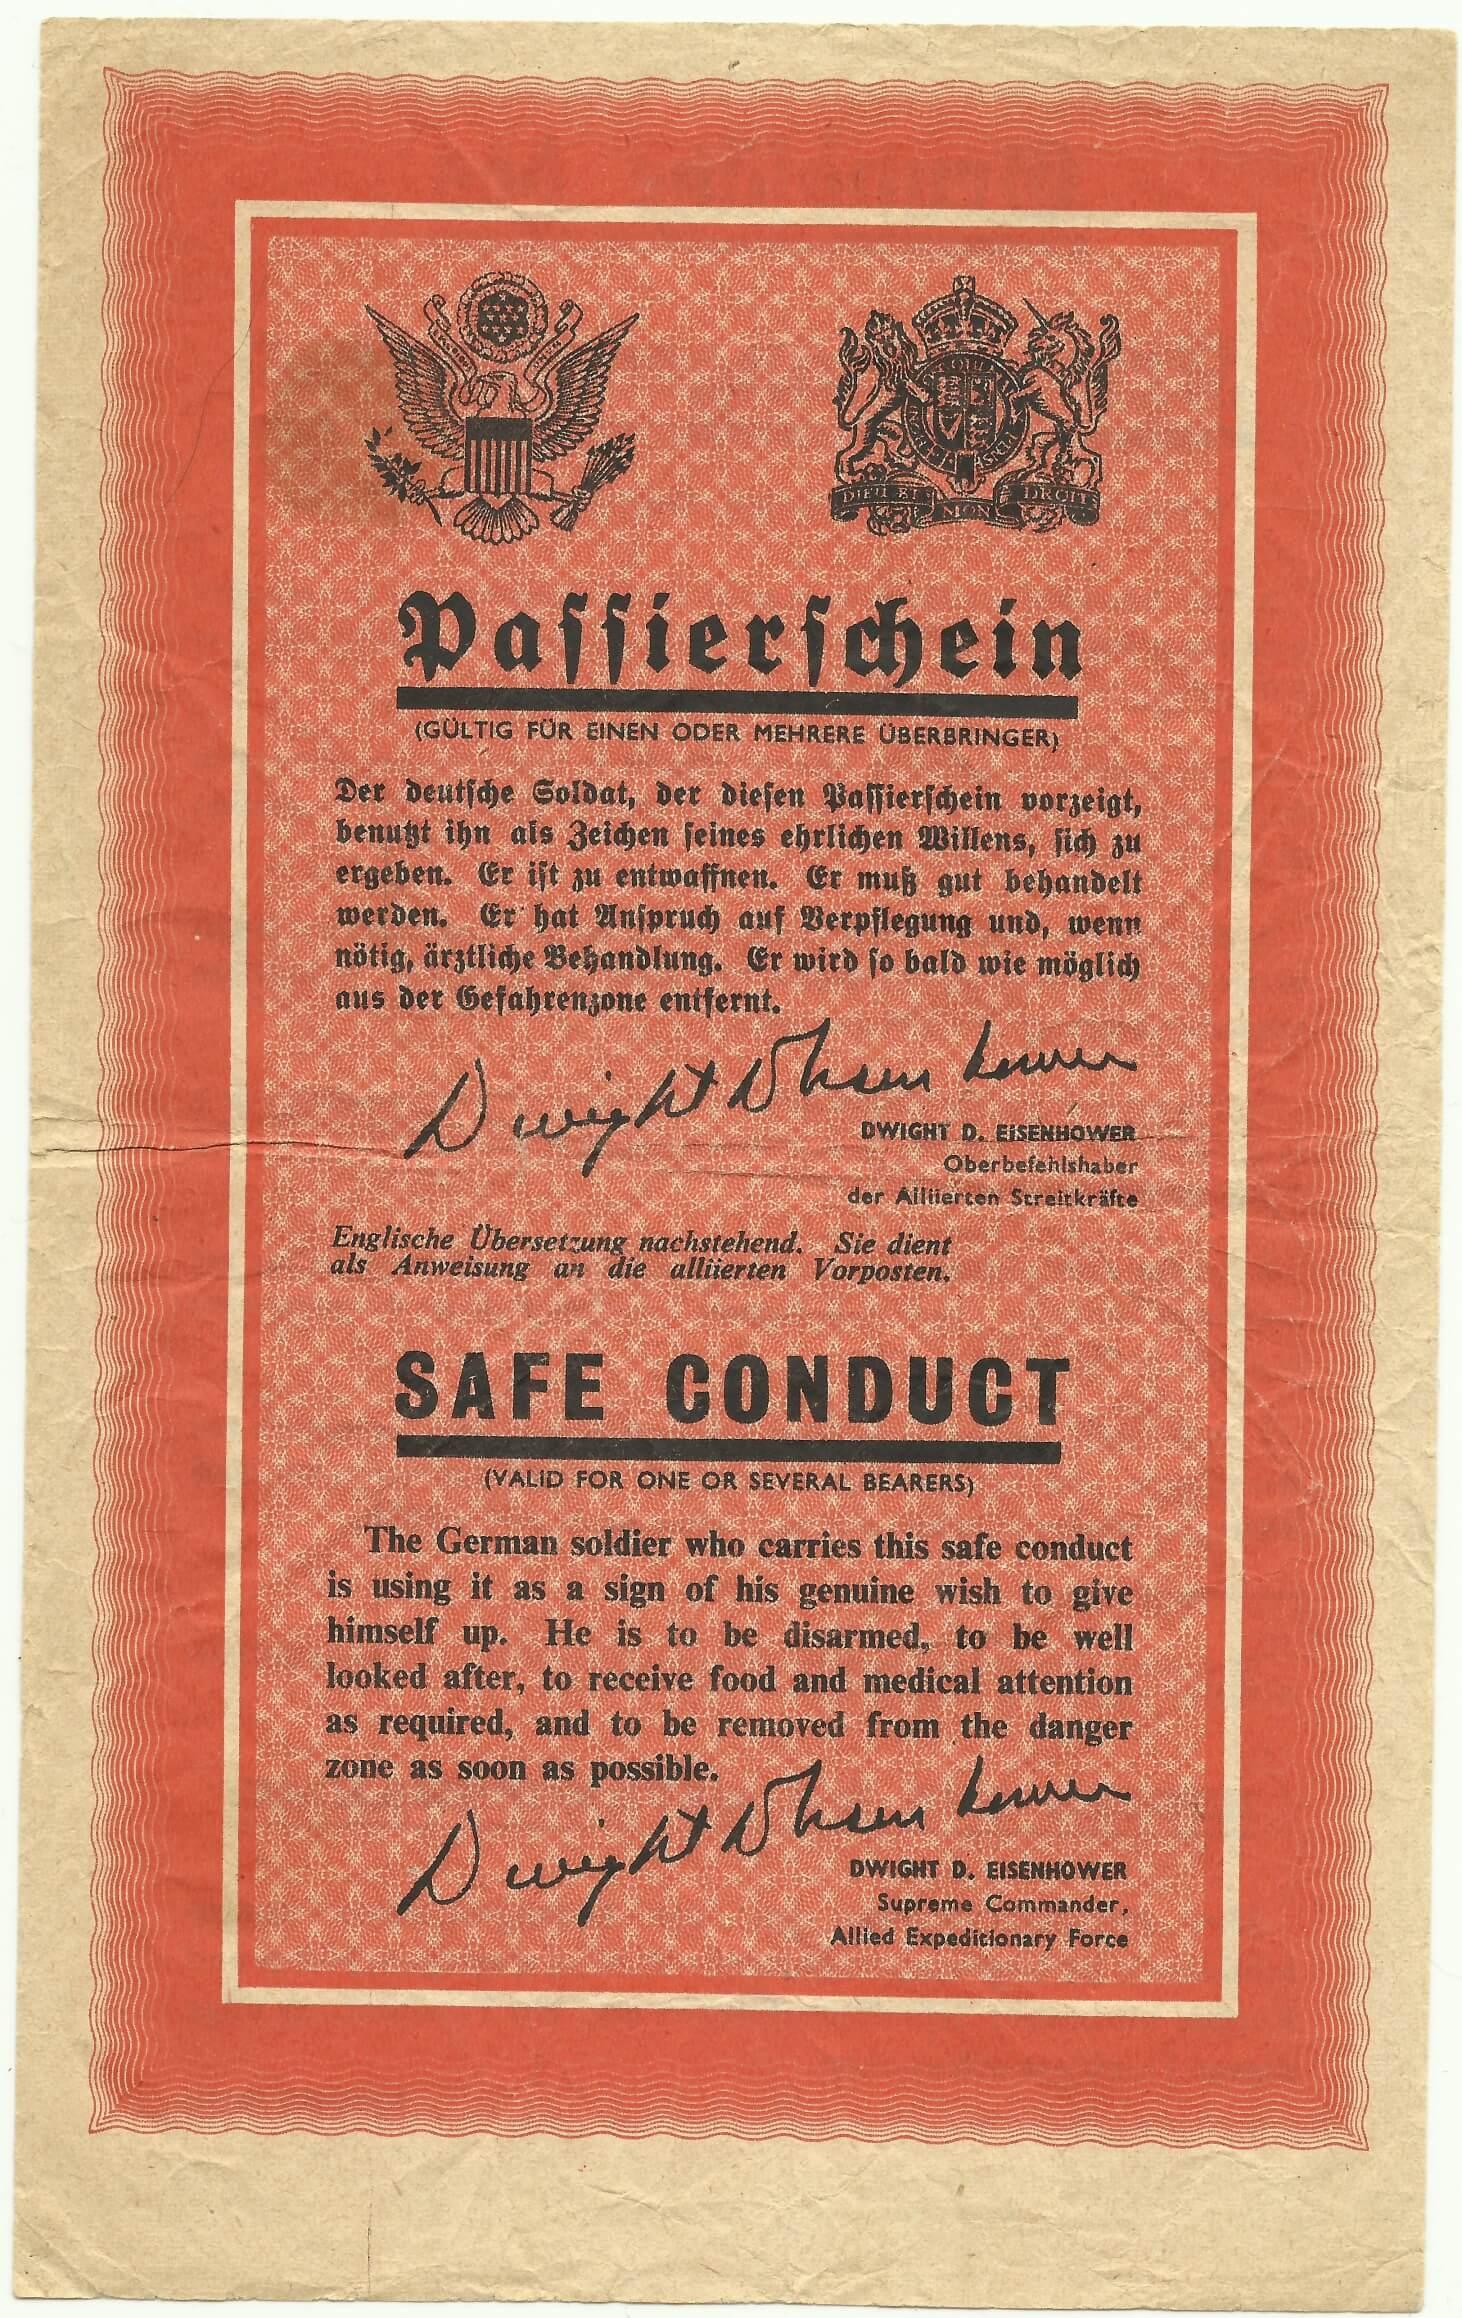 Pamflet uit de tweede wereldoorlog Passierschein voor veilige overgave